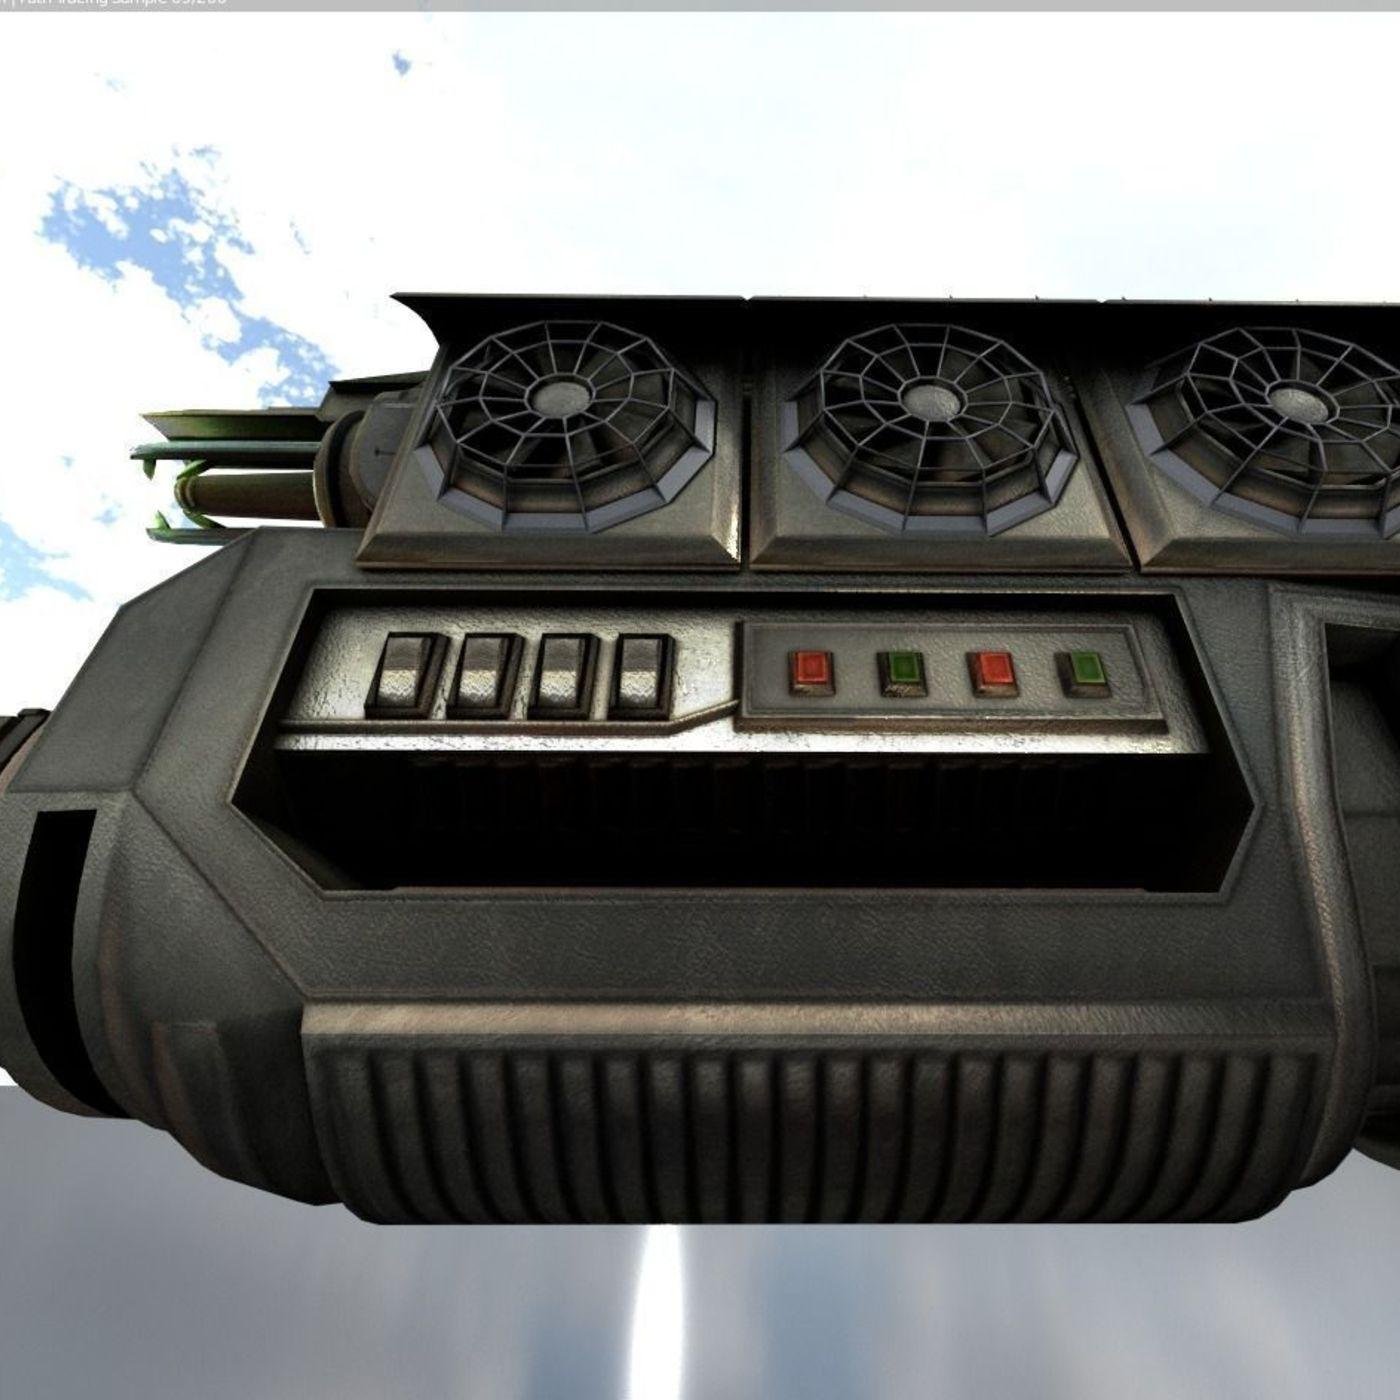 Multi-Gun (Sci-Fi-Weapon-Concept)